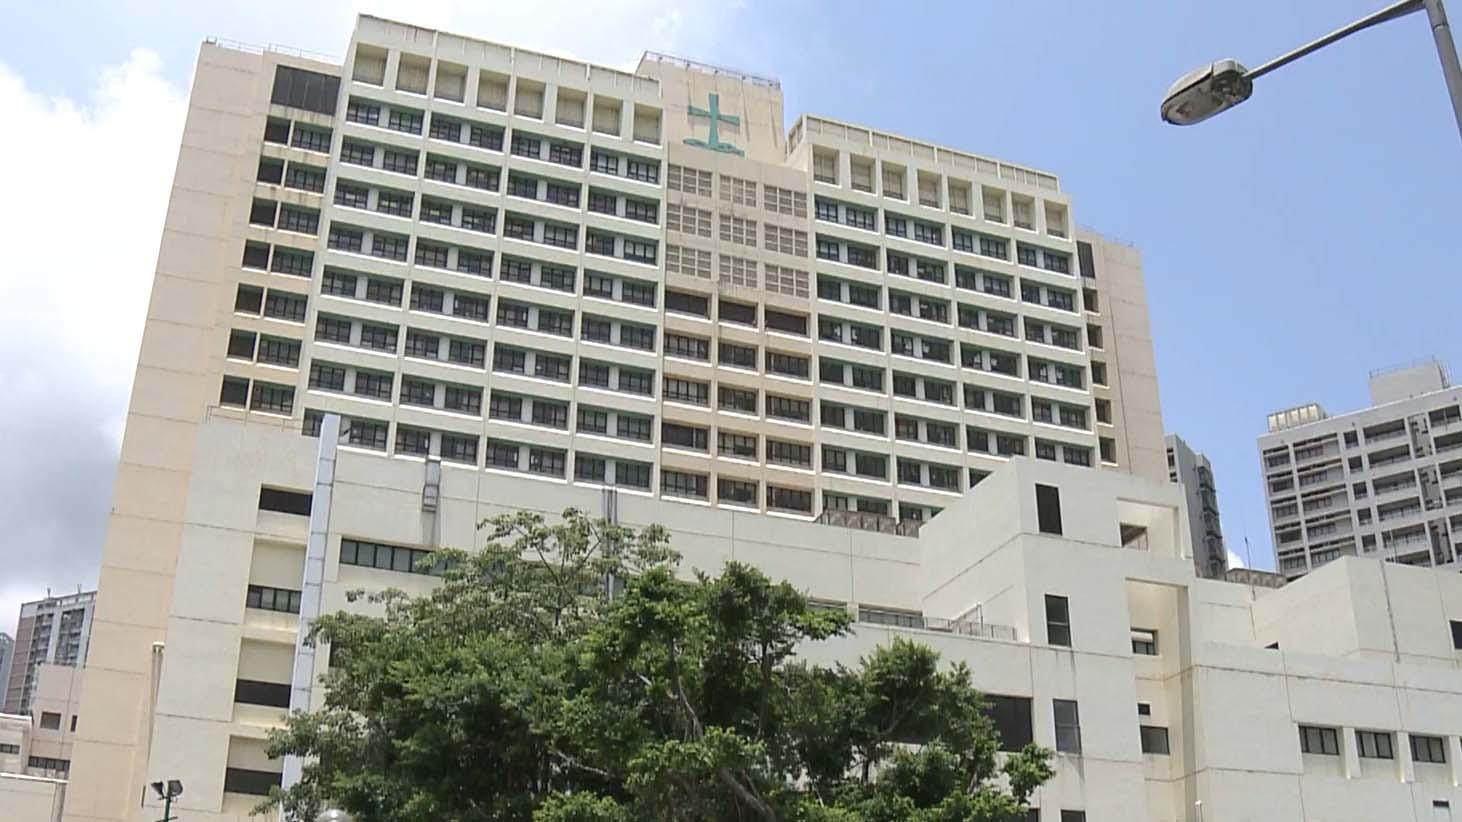 聯合醫院懷安科病房增至19人感染新冠病毒